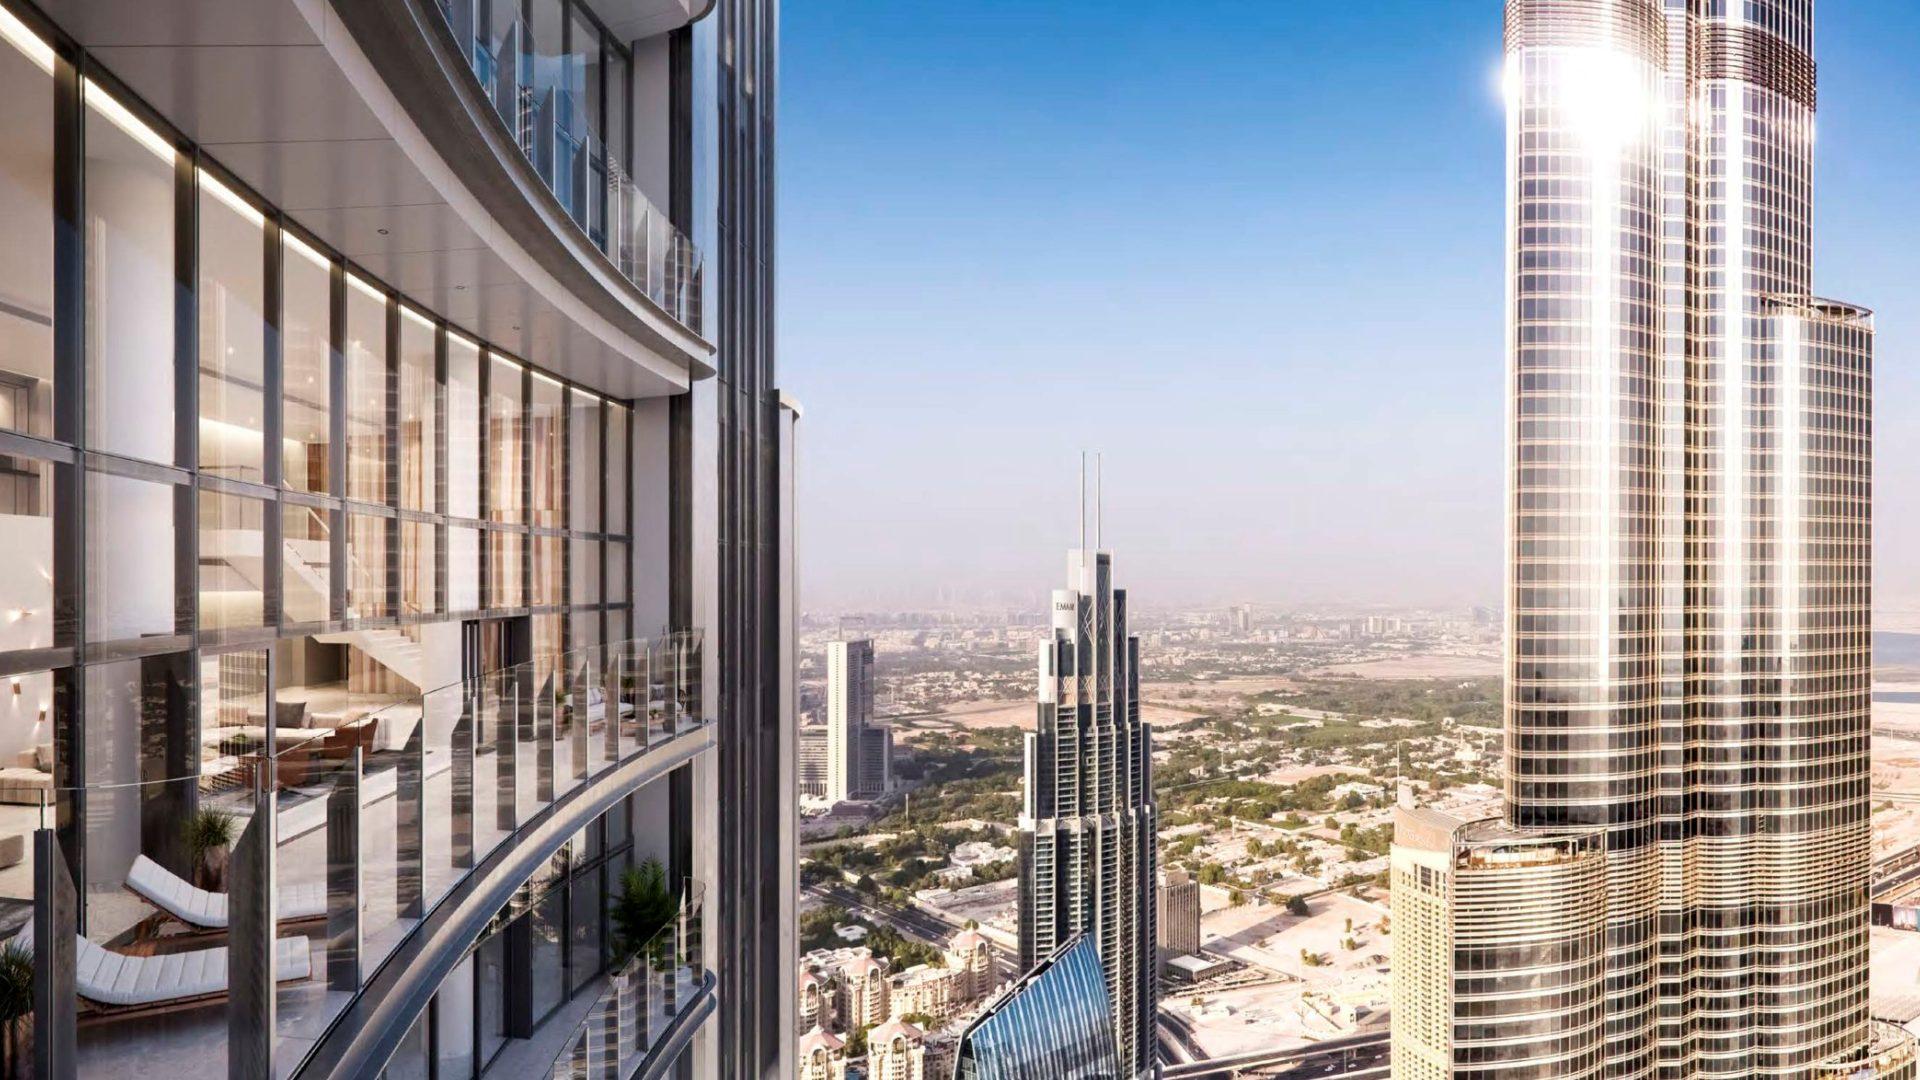 Ático en venta en Dubai, EAU, 4 dormitorios, 500 m2, № 24319 – foto 4